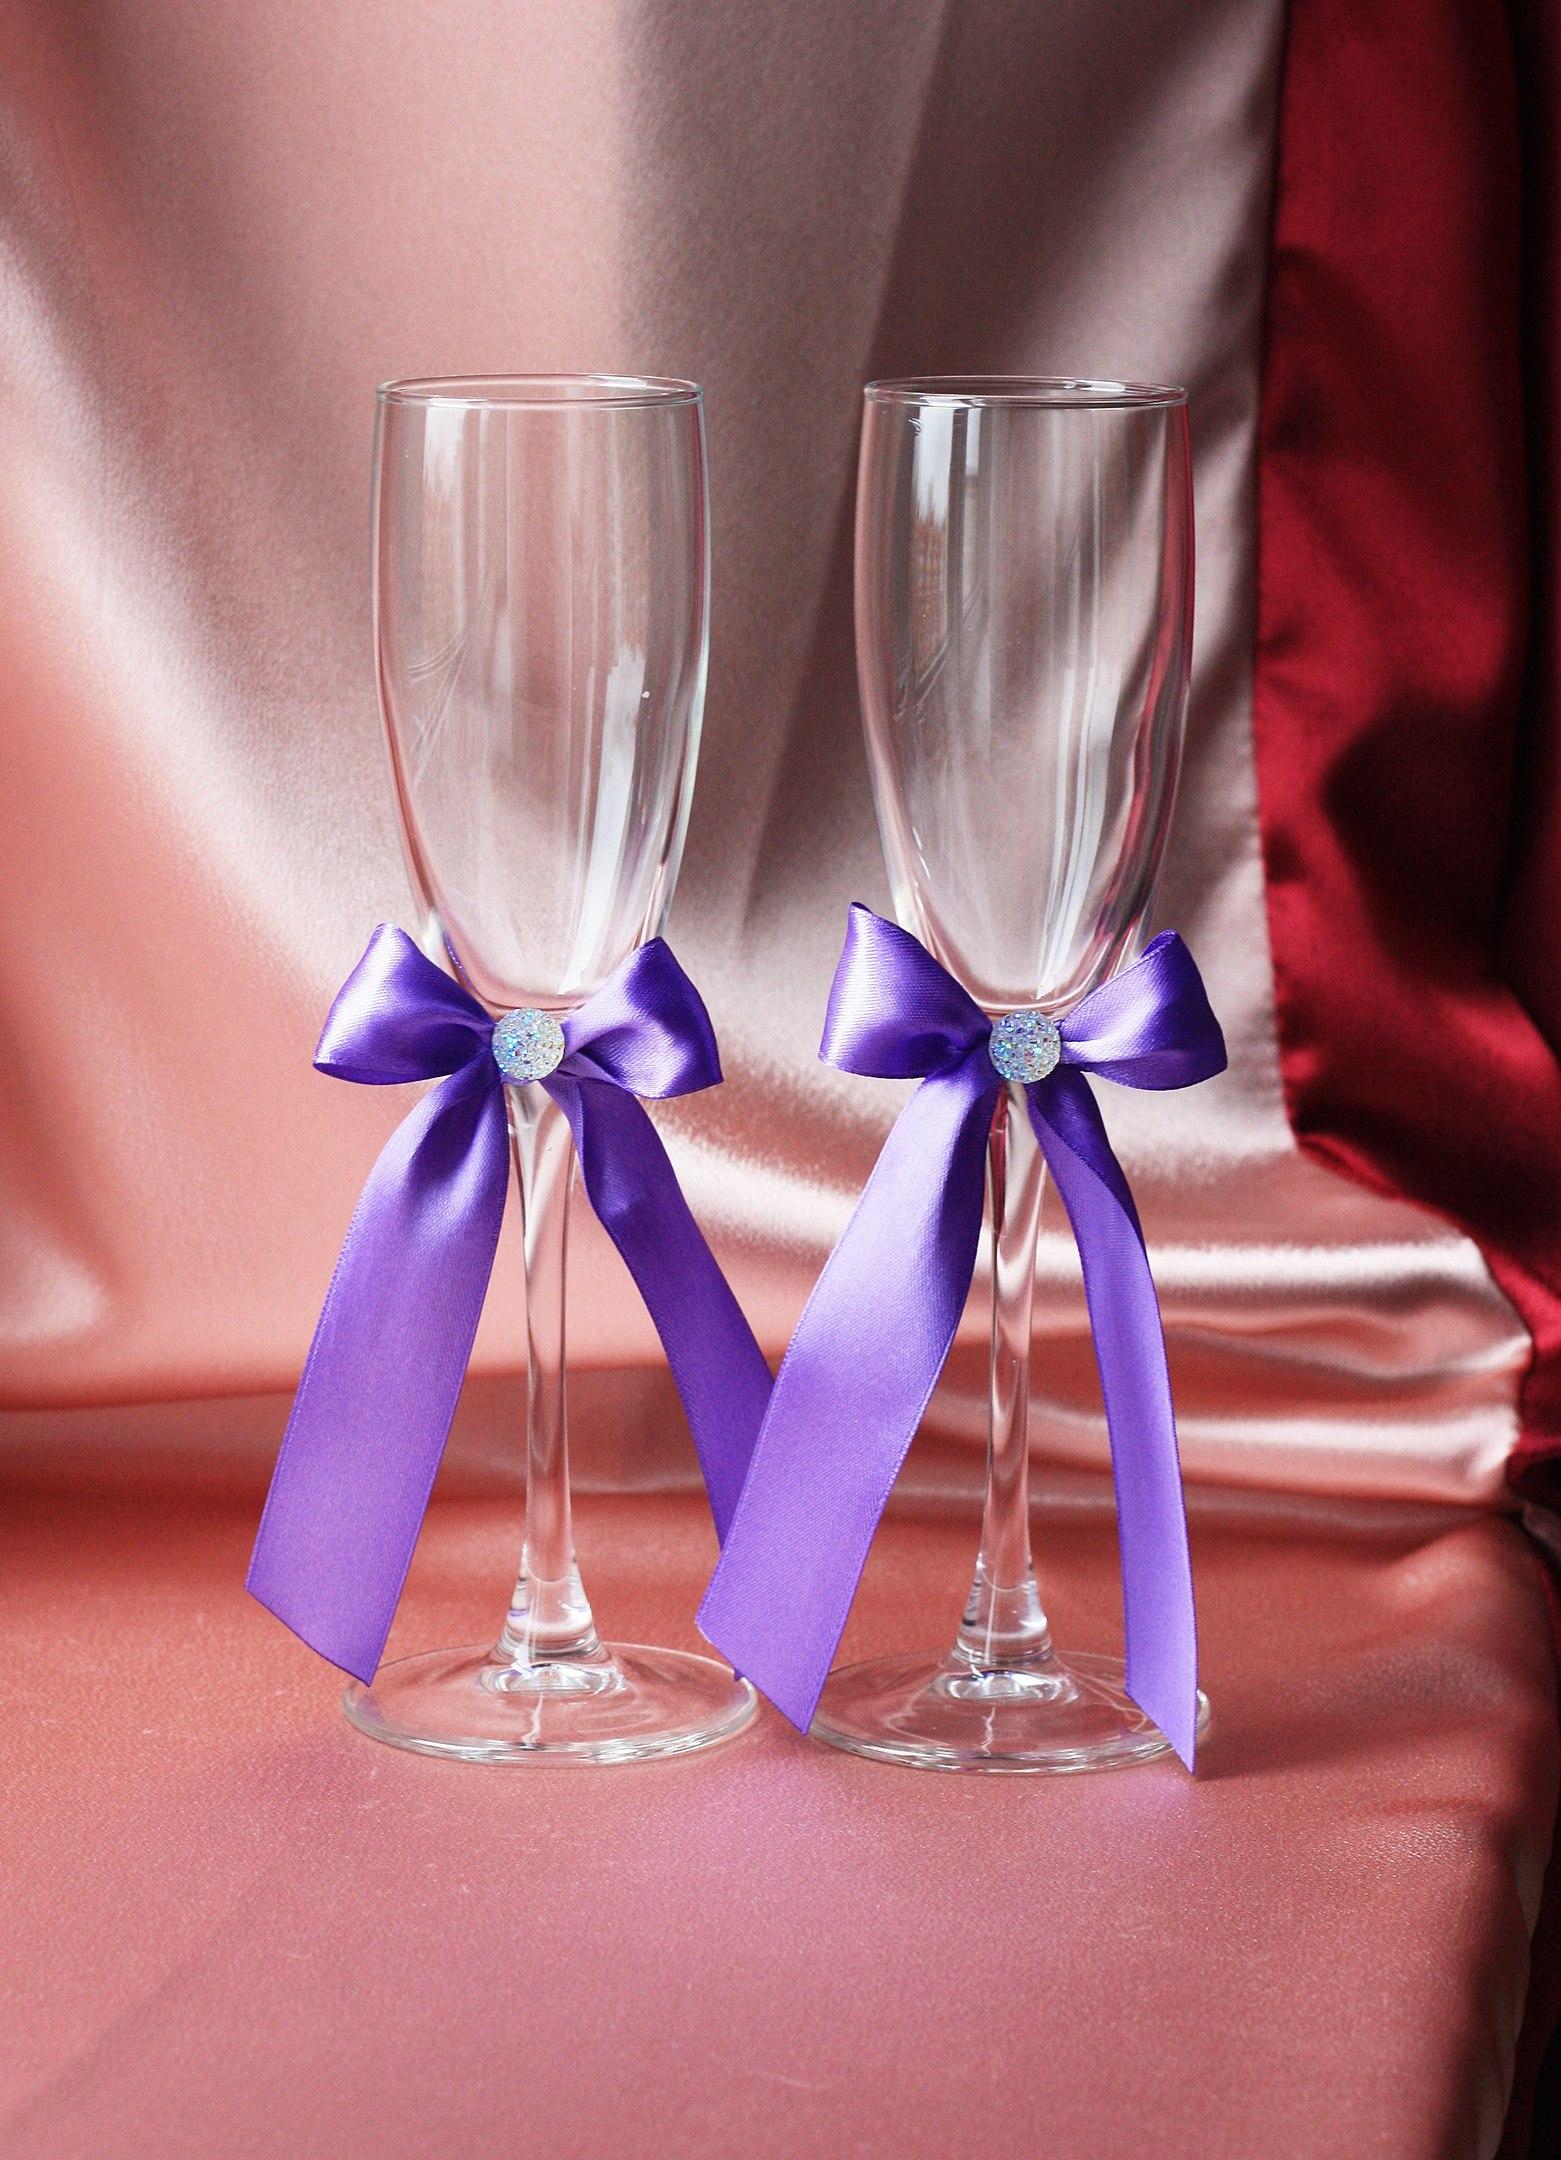 Мастер-класс по оформлению свадебных бокалов кружевом